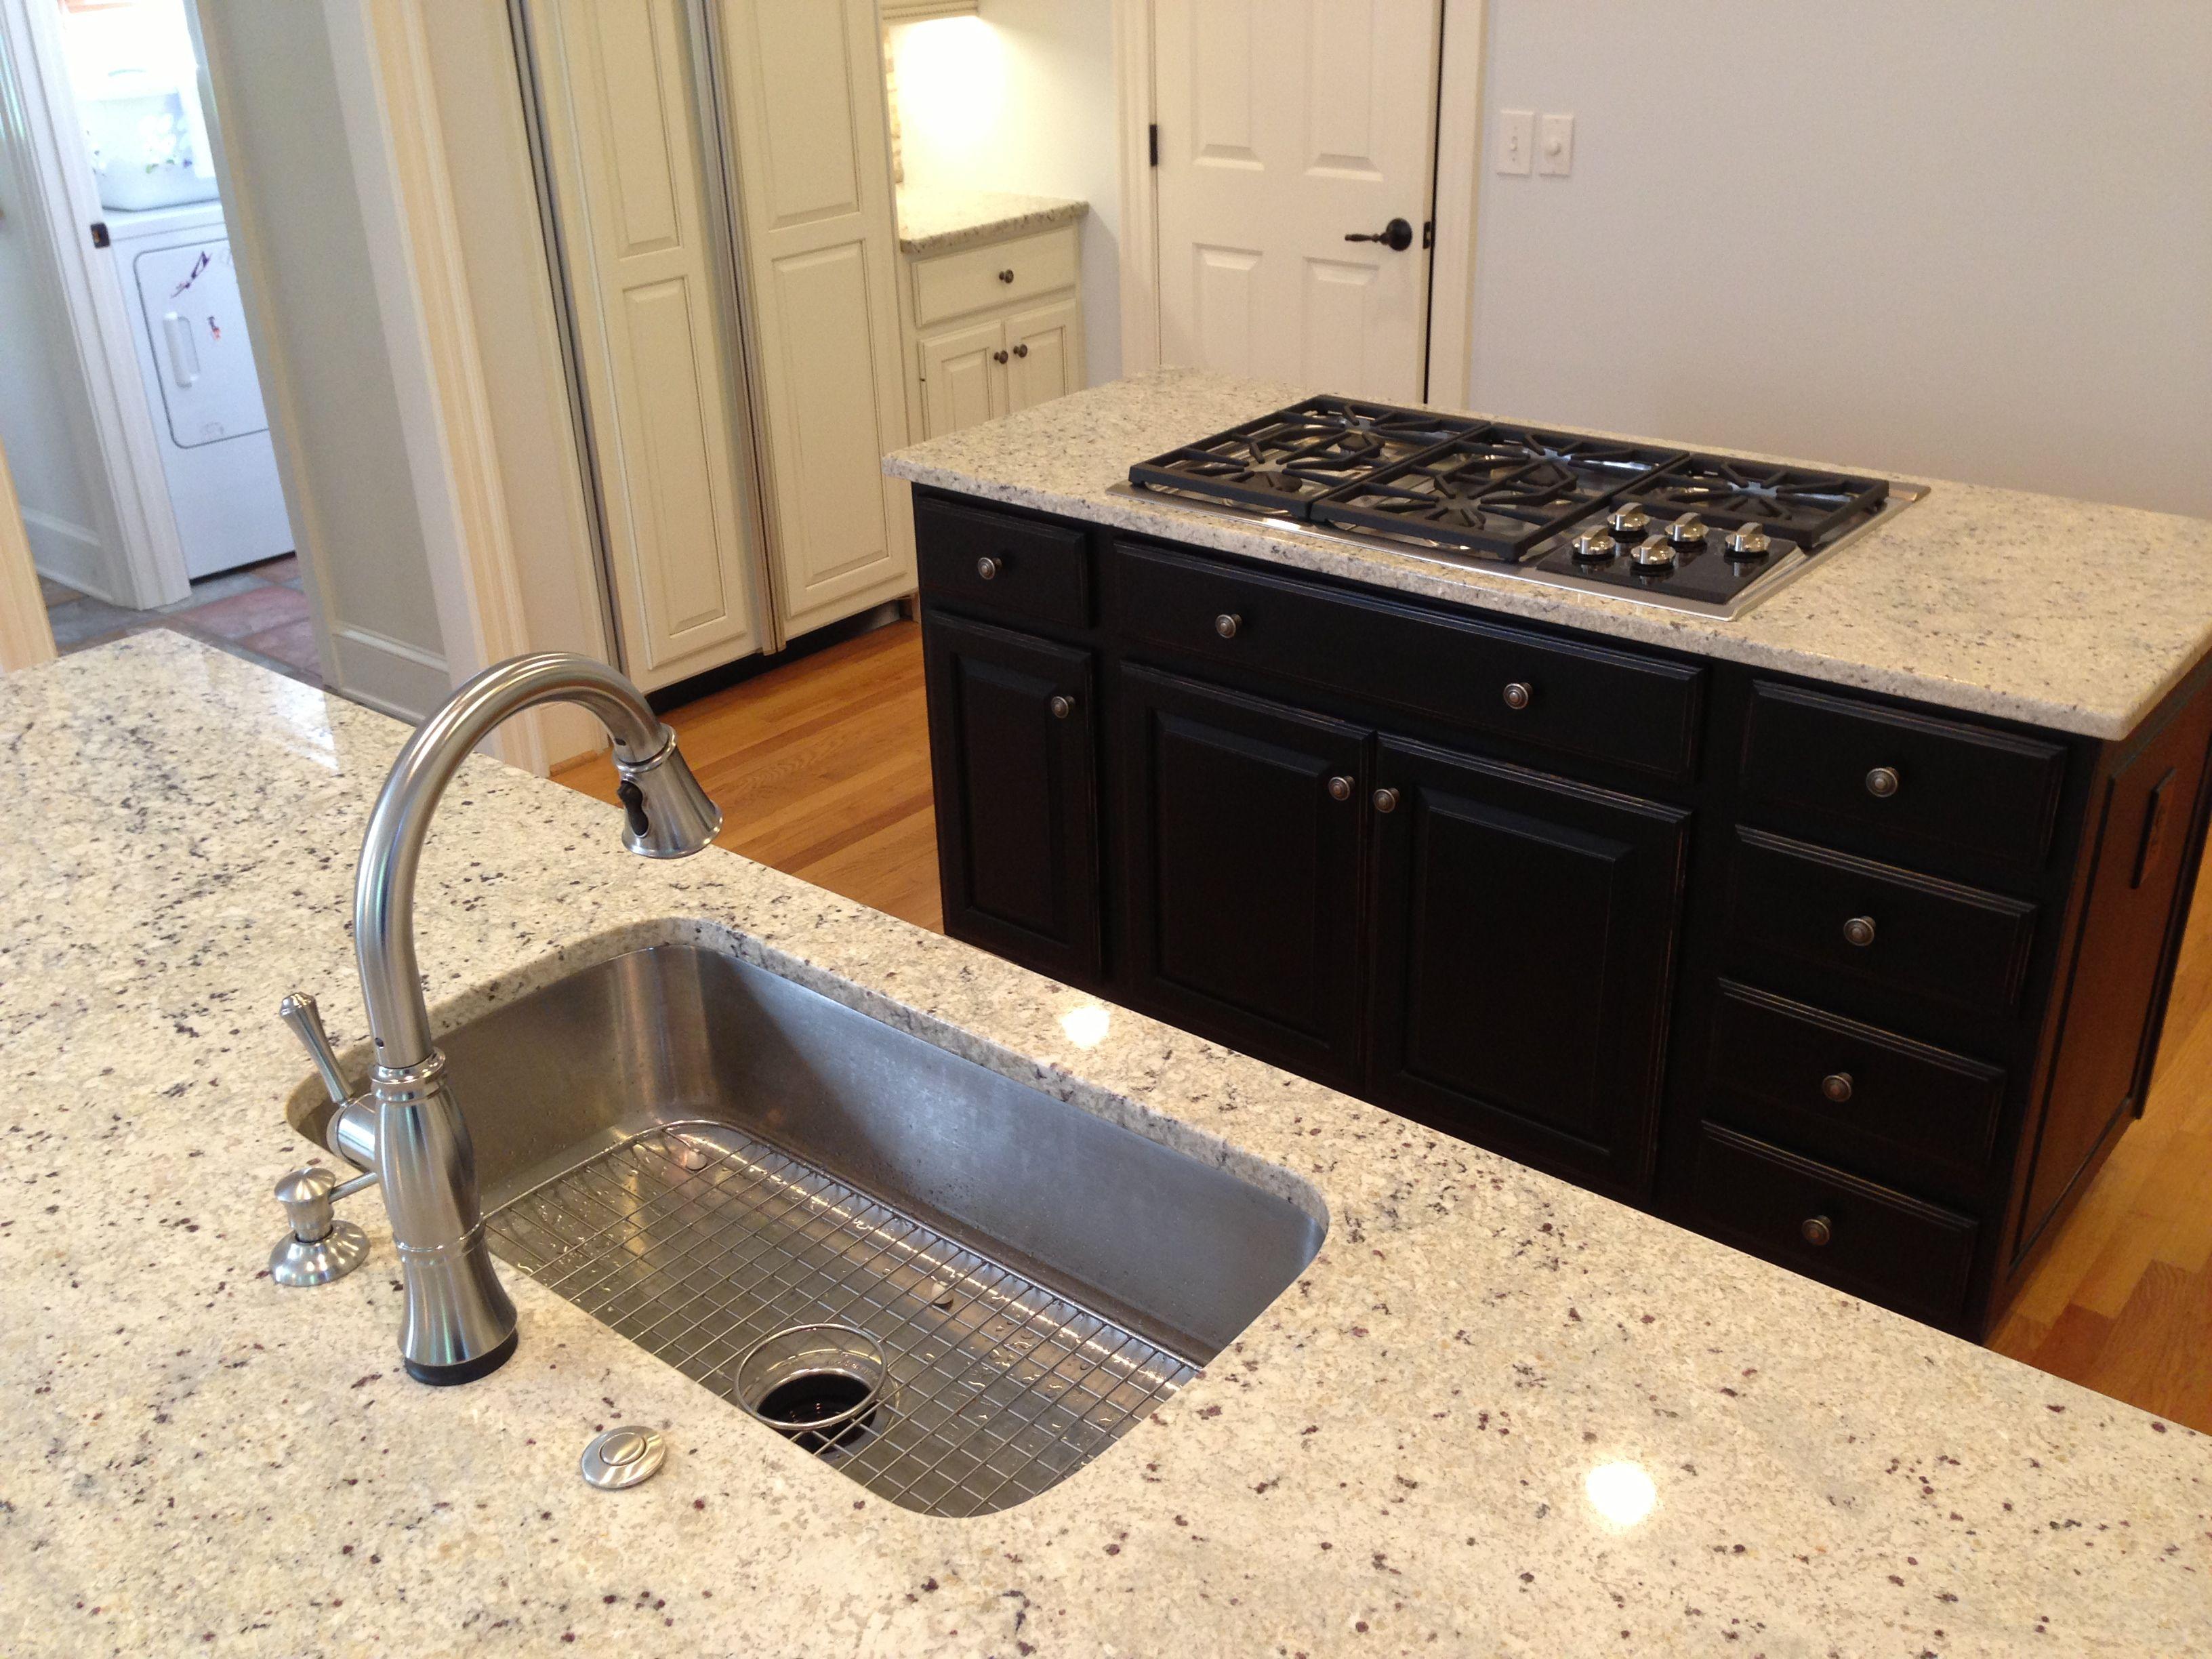 Single bowl Kohler Untertone sink + Delta touch activated faucet